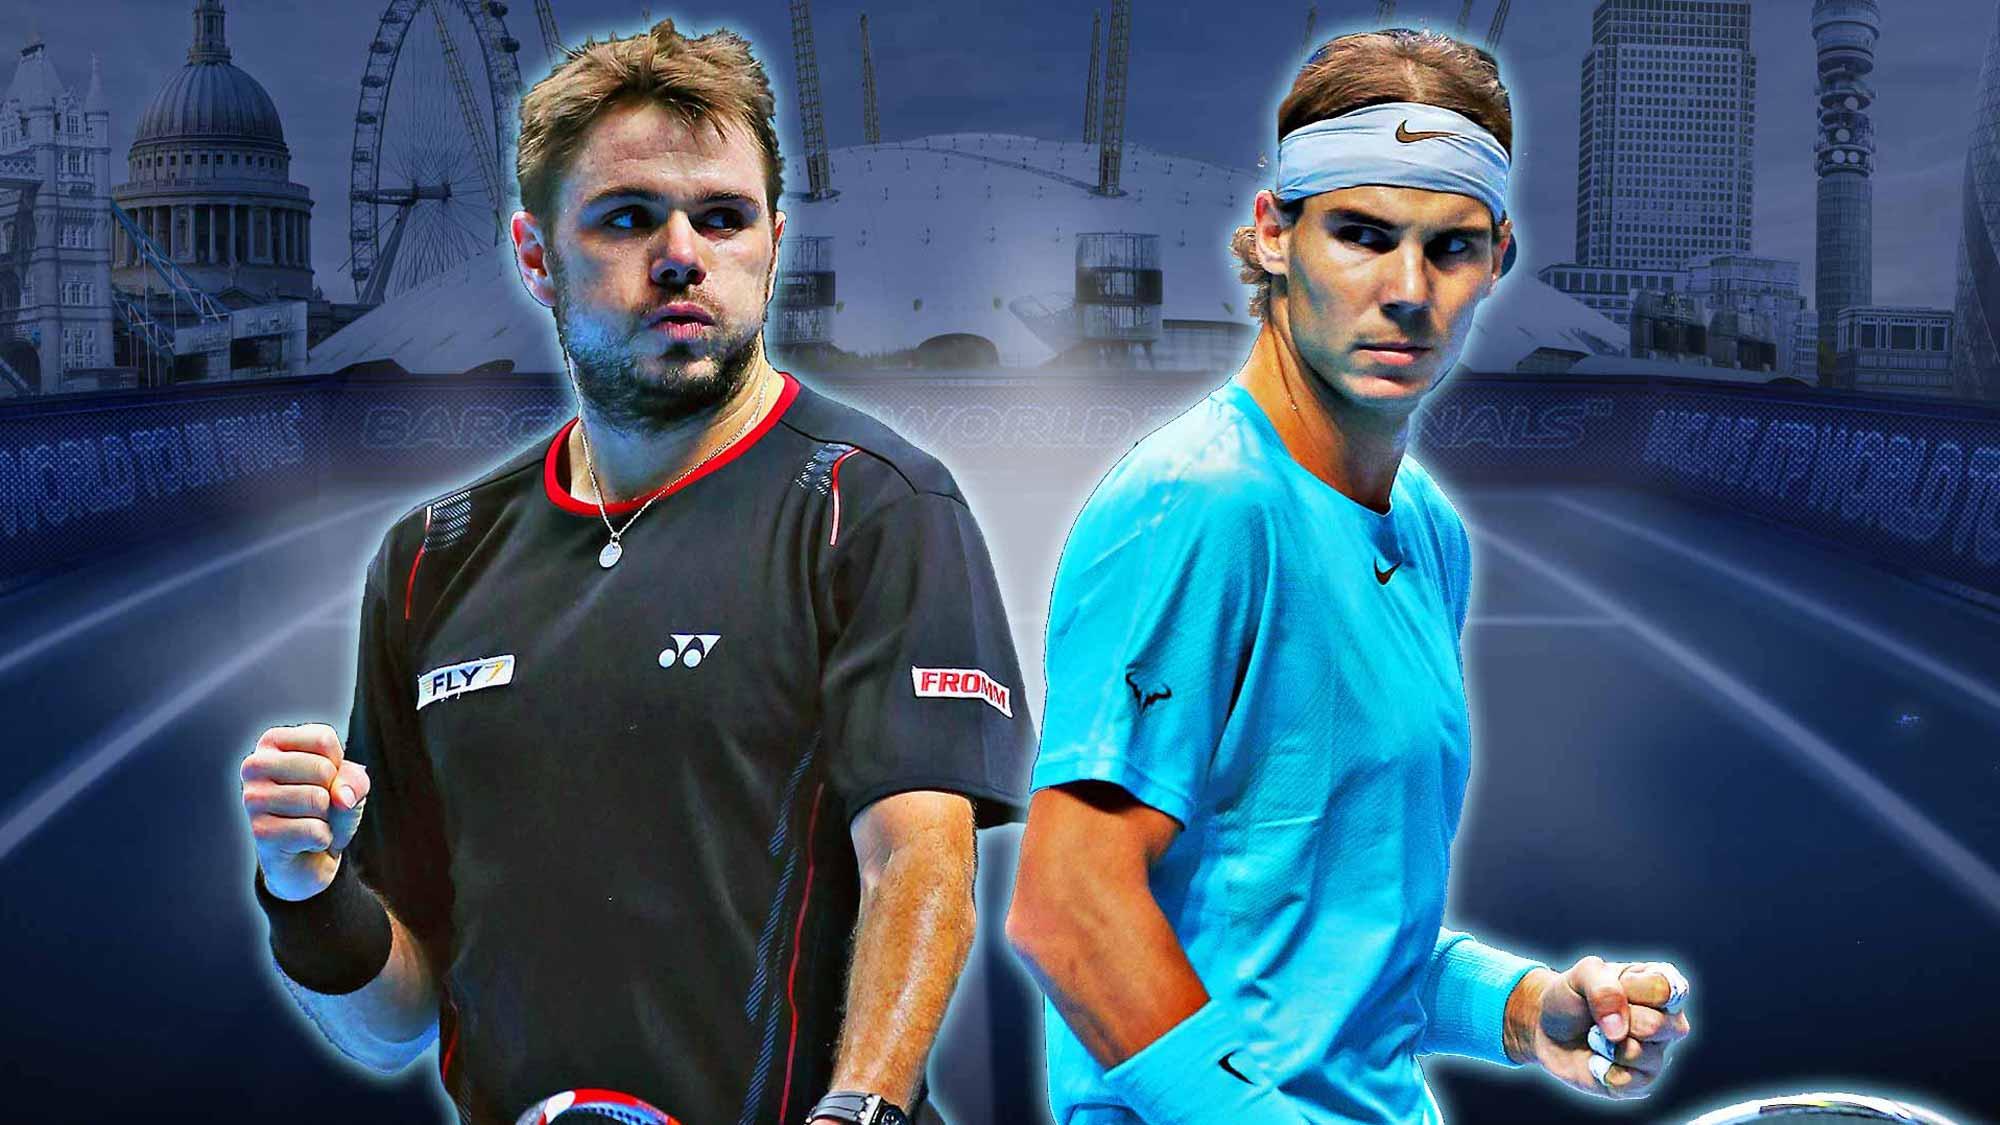 Diretta-streaming-Nadal - Wawrinka-gratis-tennis-live-finale-Australian-Open-2014